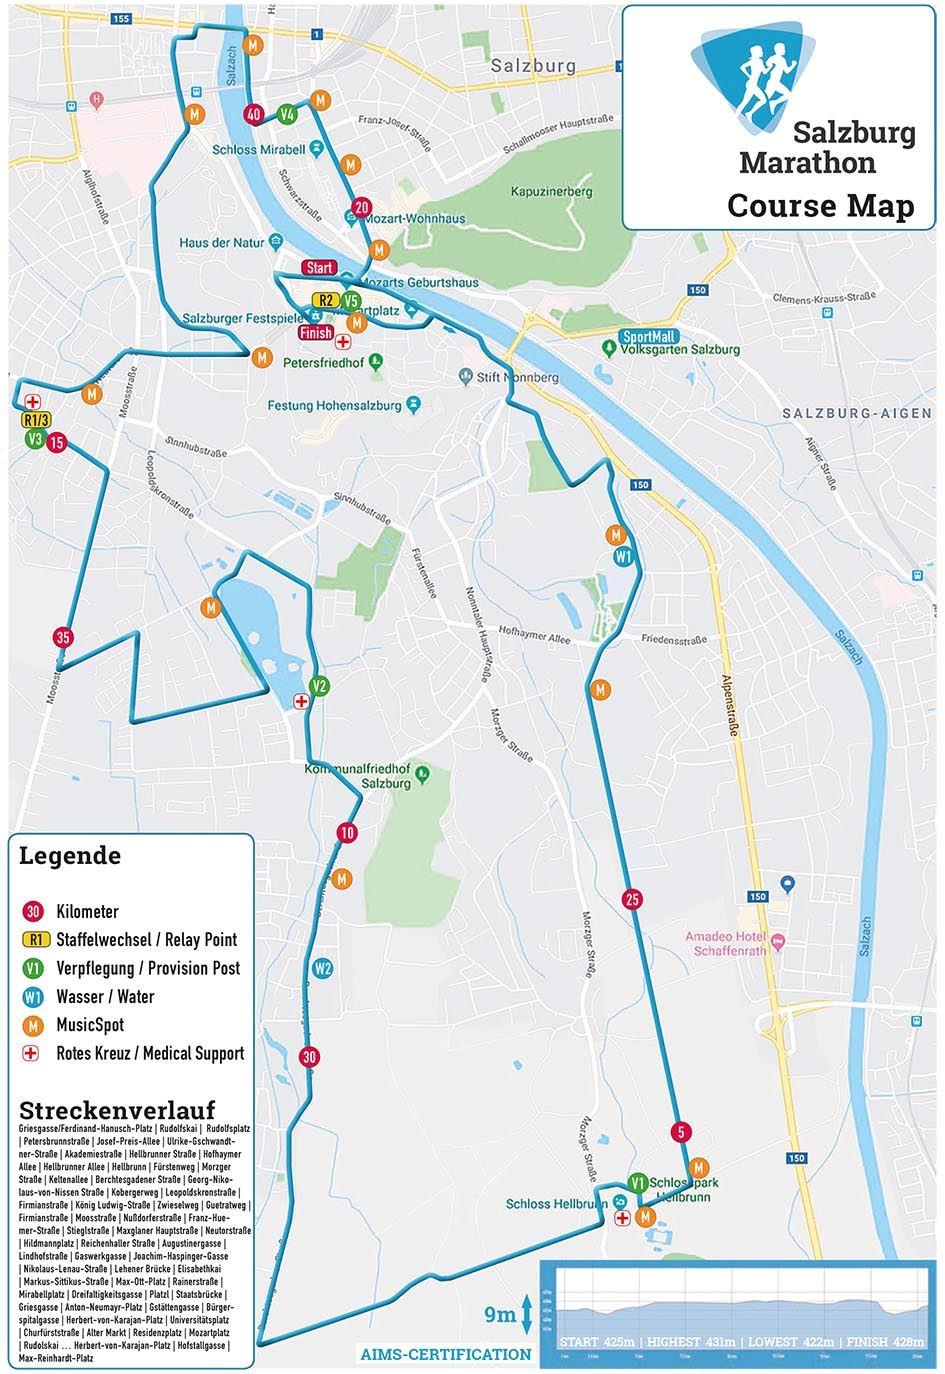 Salzburg Marathon Route Map